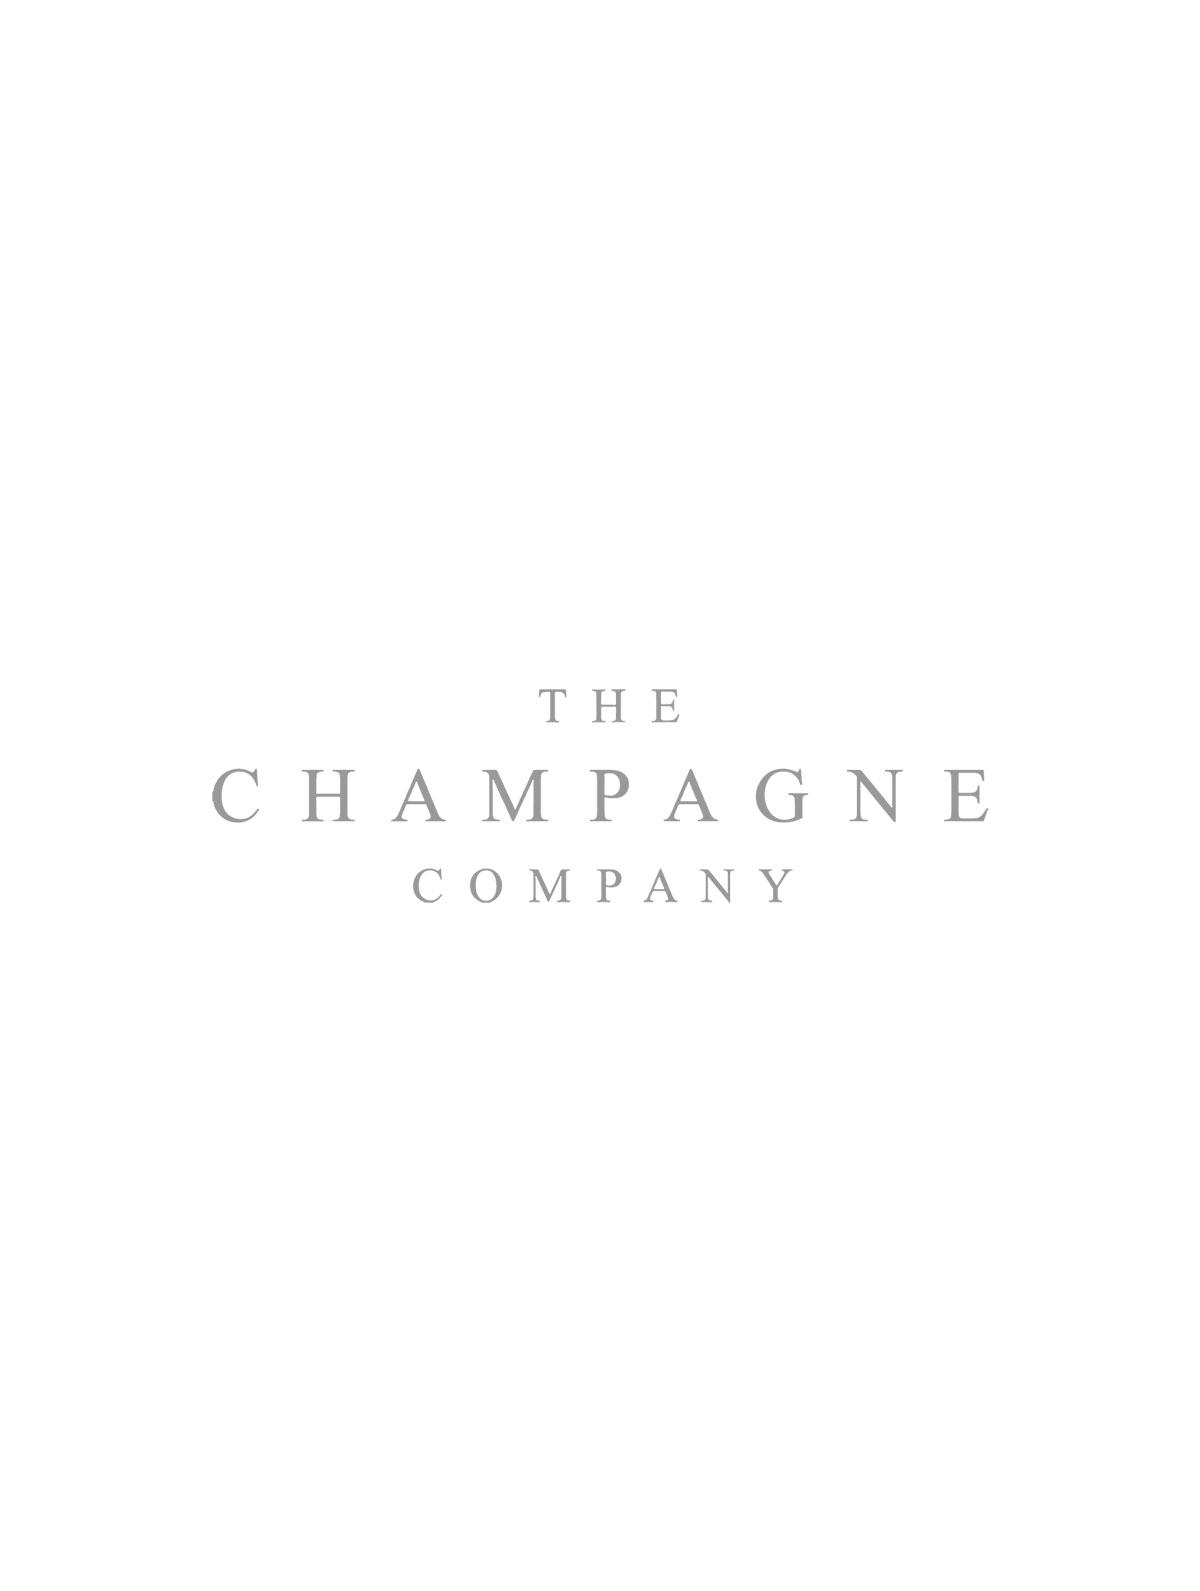 Dom Pérignon Plenitude P2 1995 Vintage 75cl Gift Box